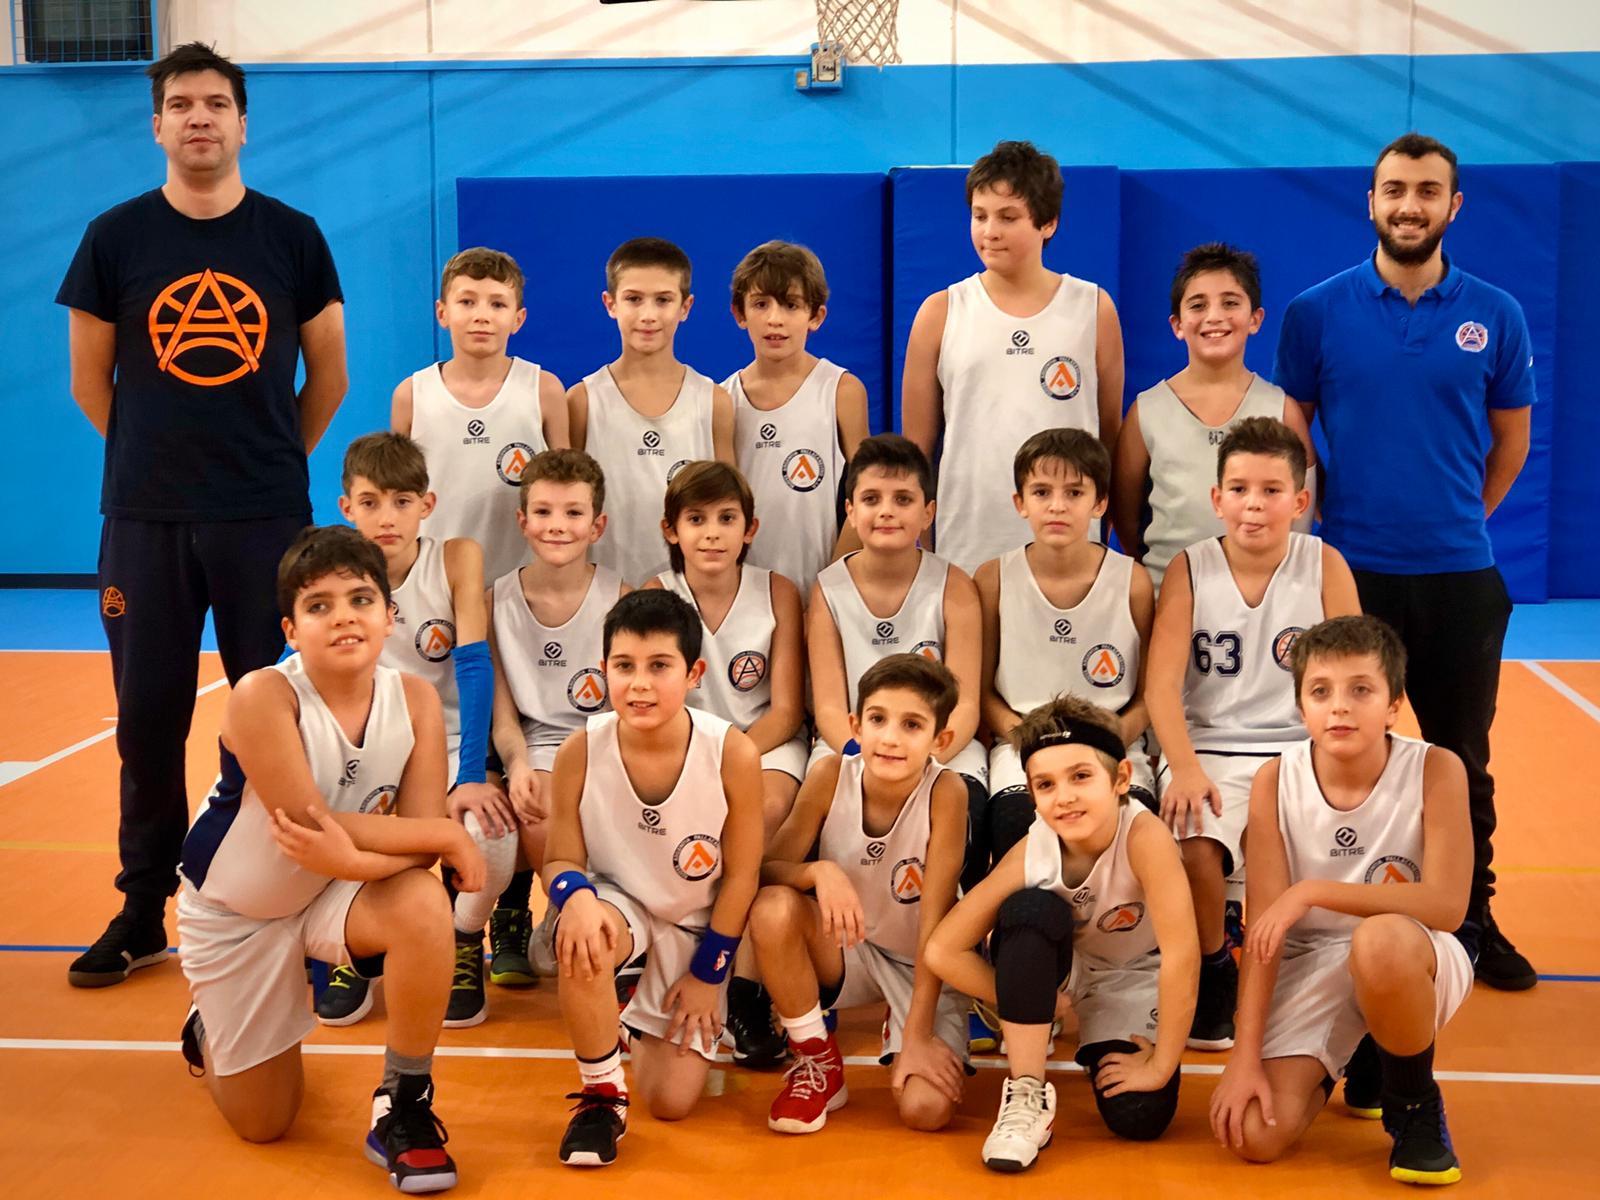 Aquilotti 2009. Argentia – Segrate 8-16 (23-42)